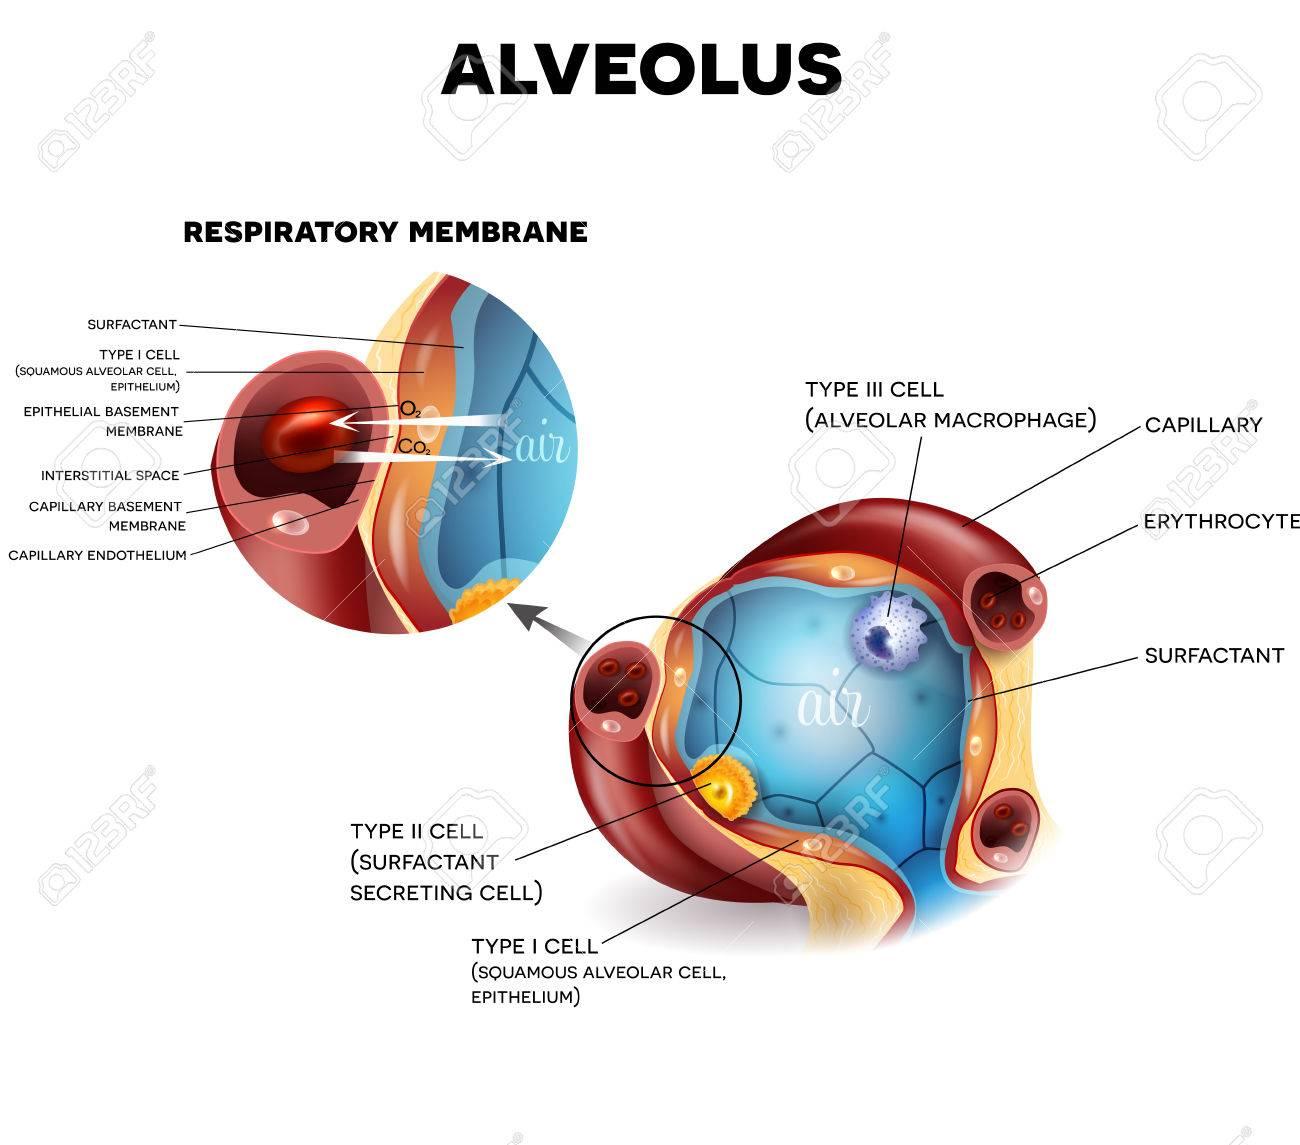 Alveolus Anatomy And Respiratory Membrane Of Alveolus, Oxygen ...